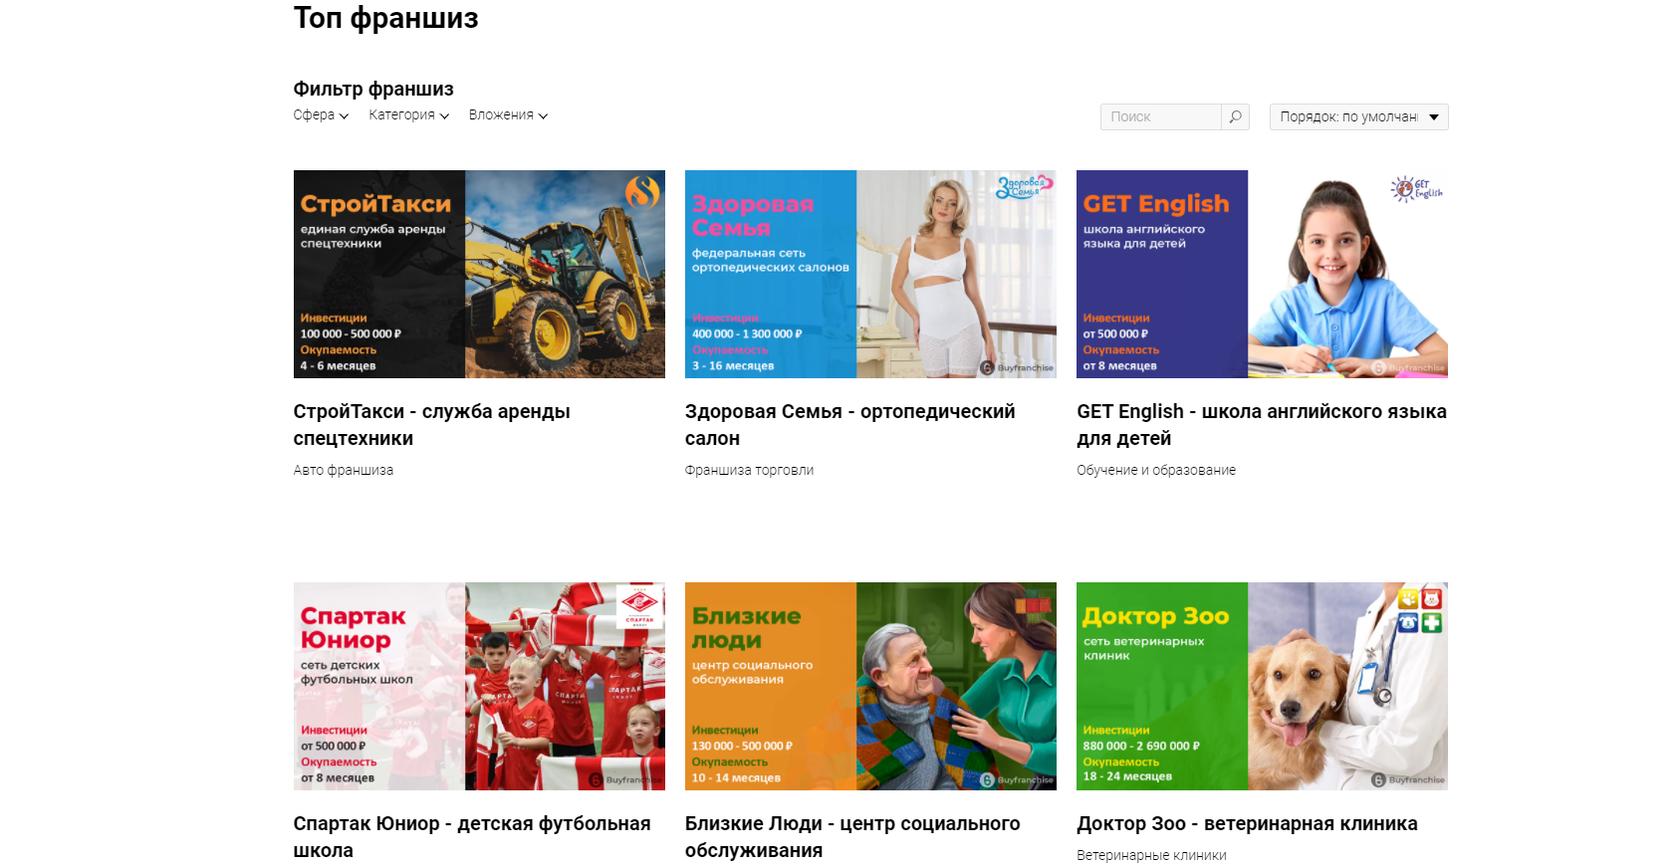 Где купить франшизу | Купить франшизу.ру